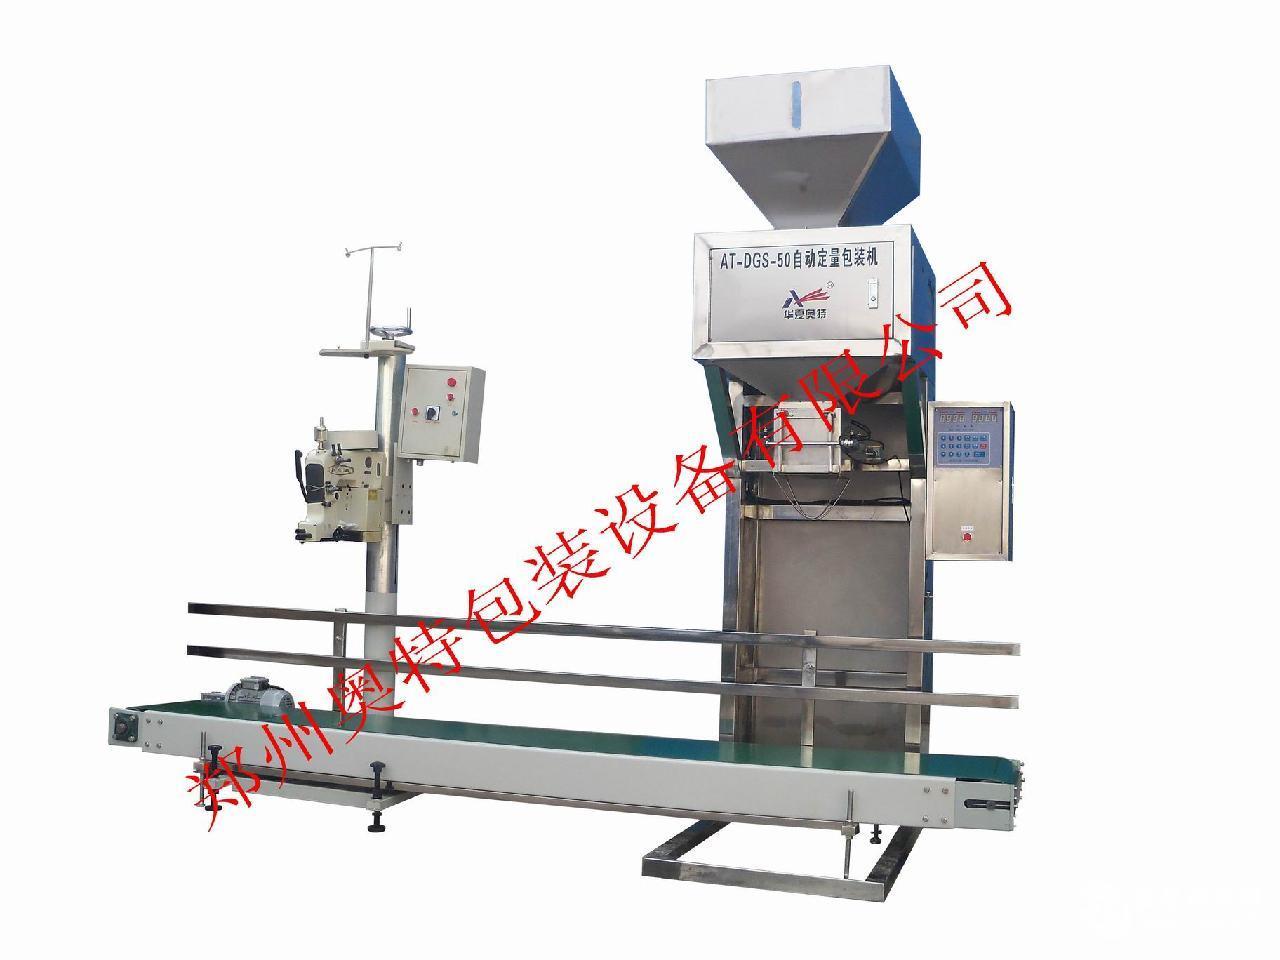 现货销售 AT-DGS-50KC电子包装秤 颗粒包装